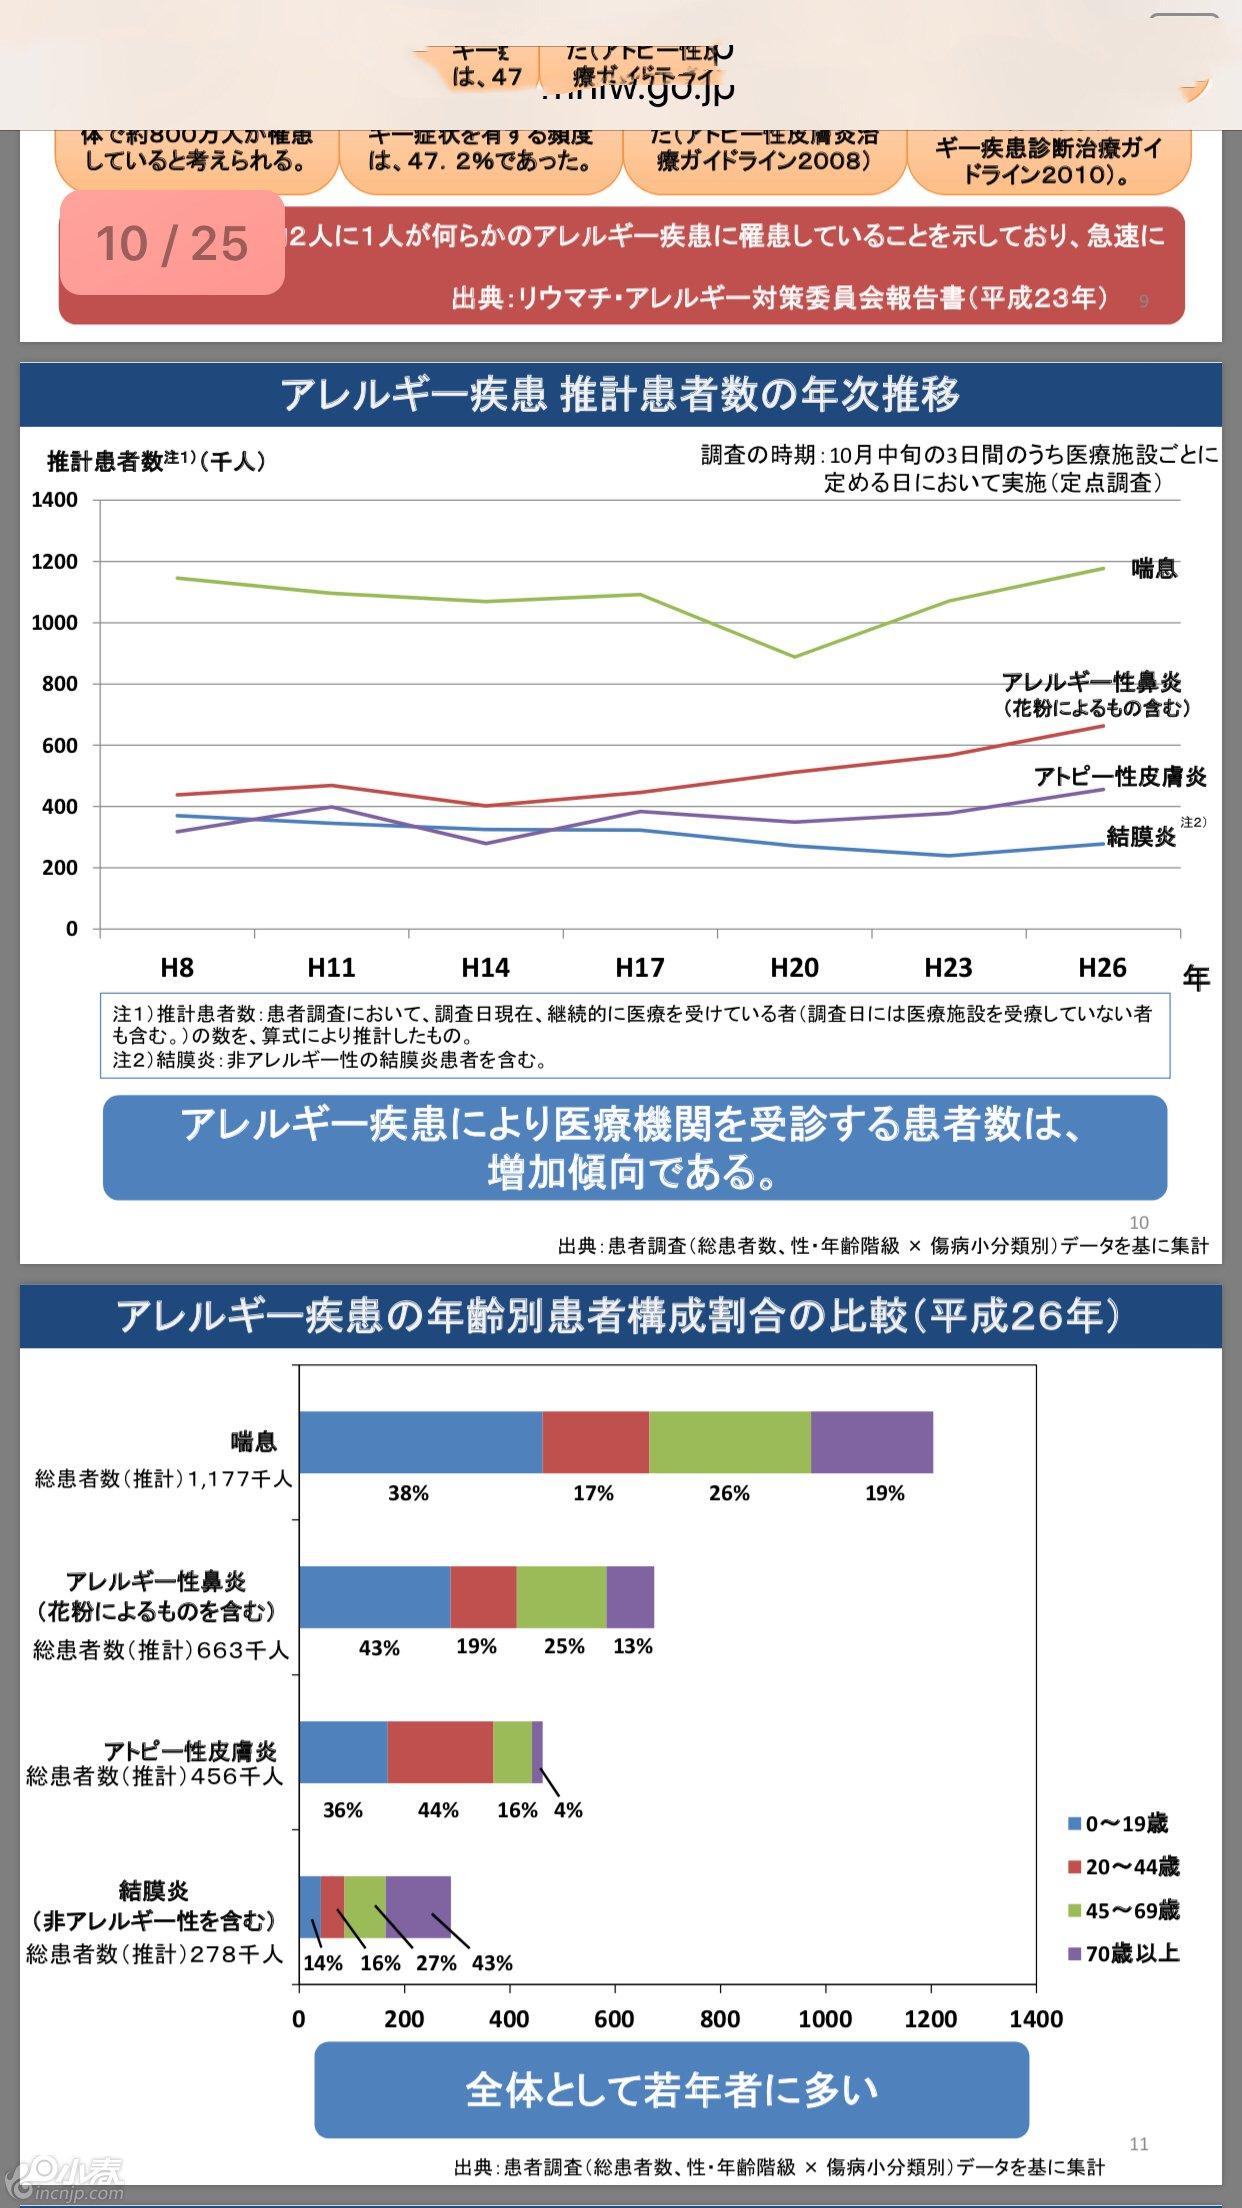 日本厚生劳动省公开的数据。